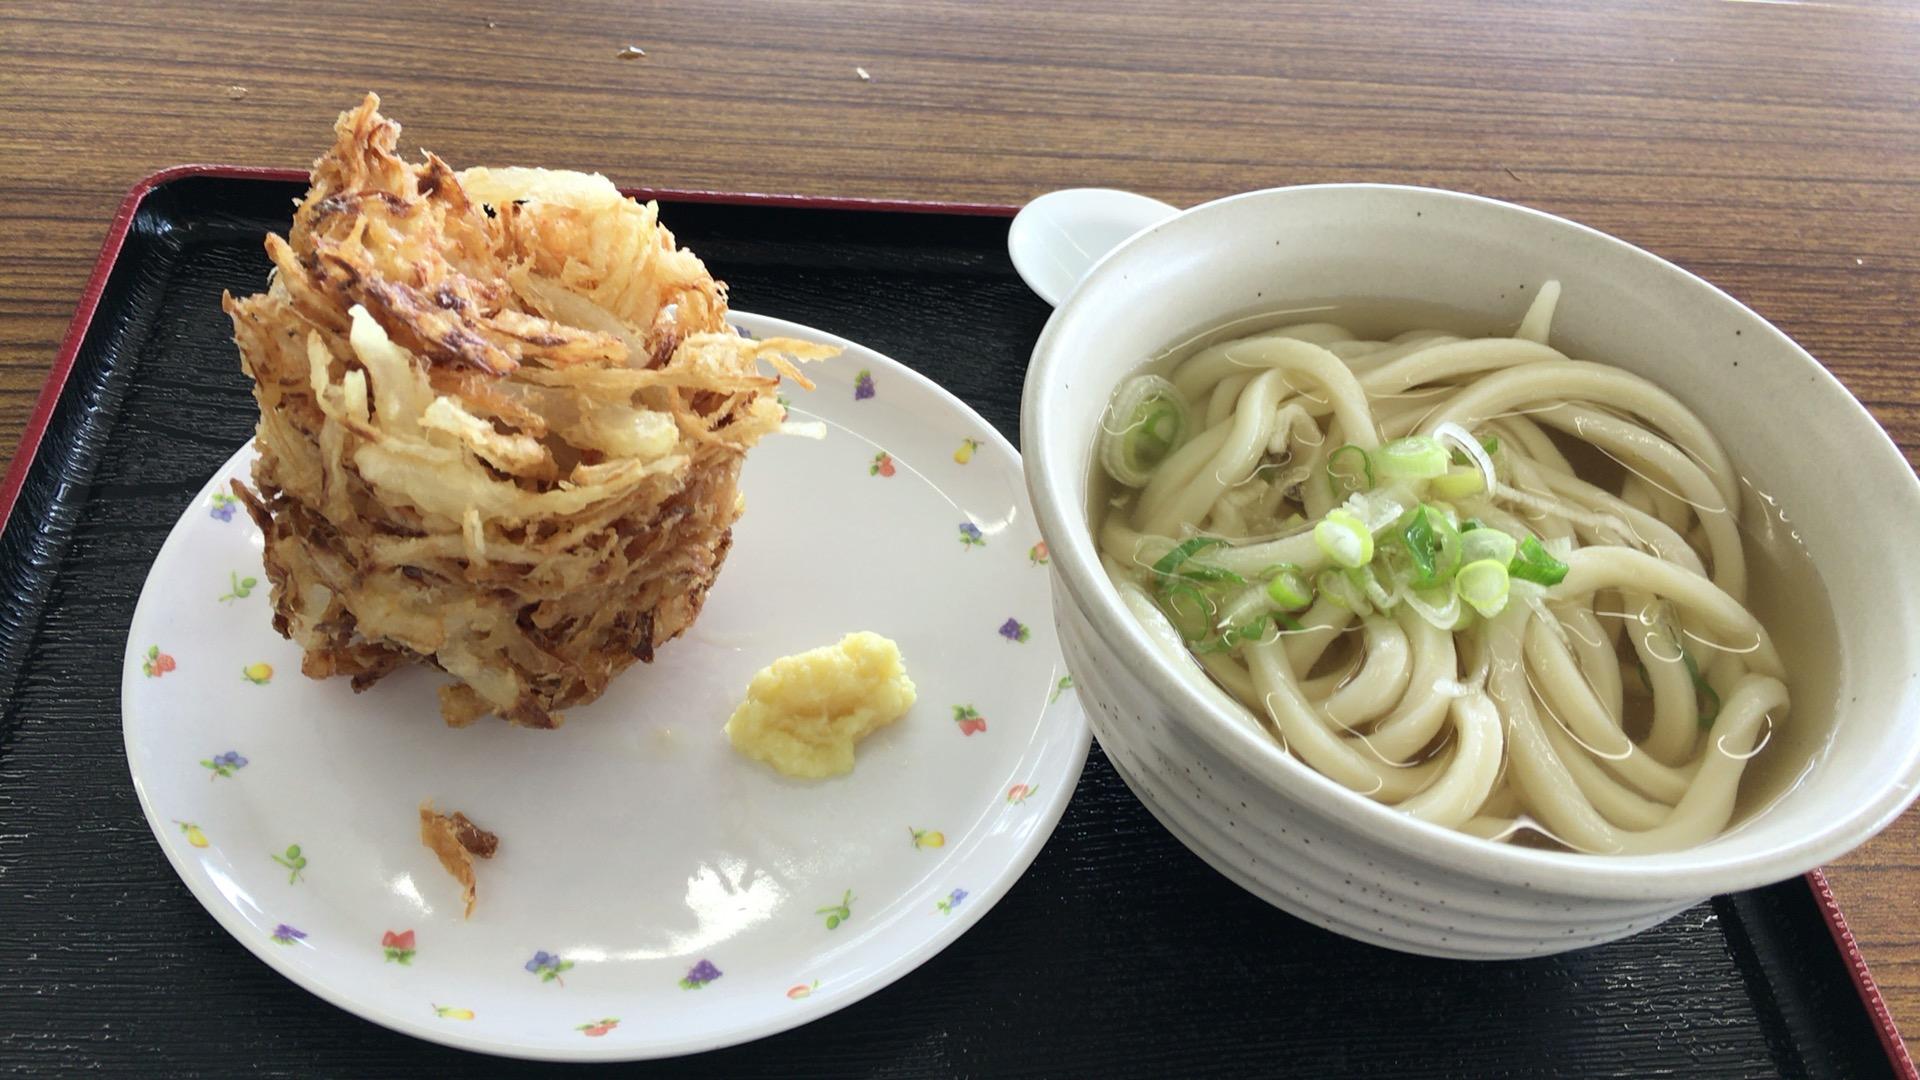 【桶川市】安い値段でうどんを食べるなら「安藤製麺」がおすすめ